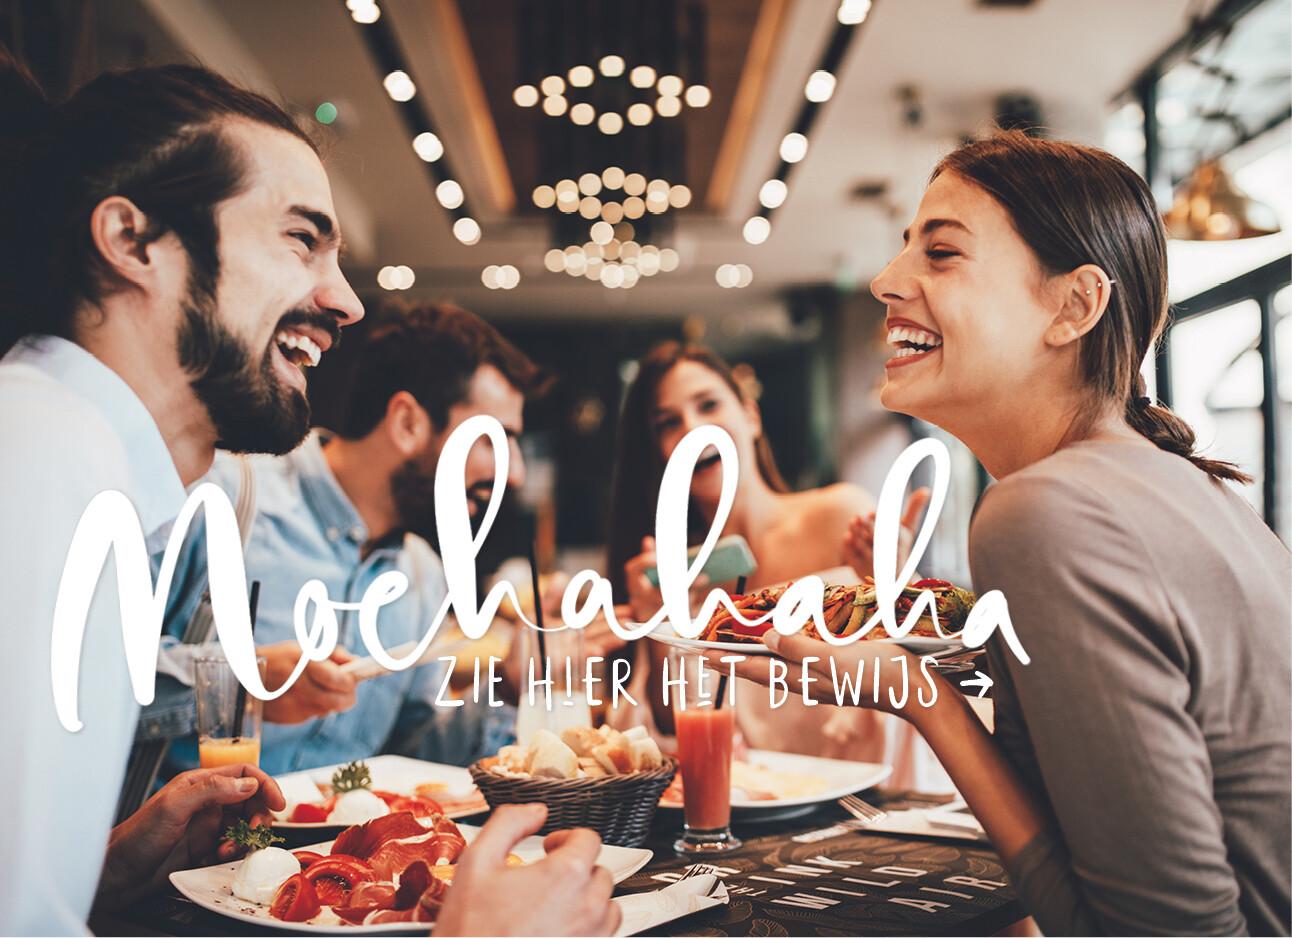 vrouw en man met vrienden in een restaurant